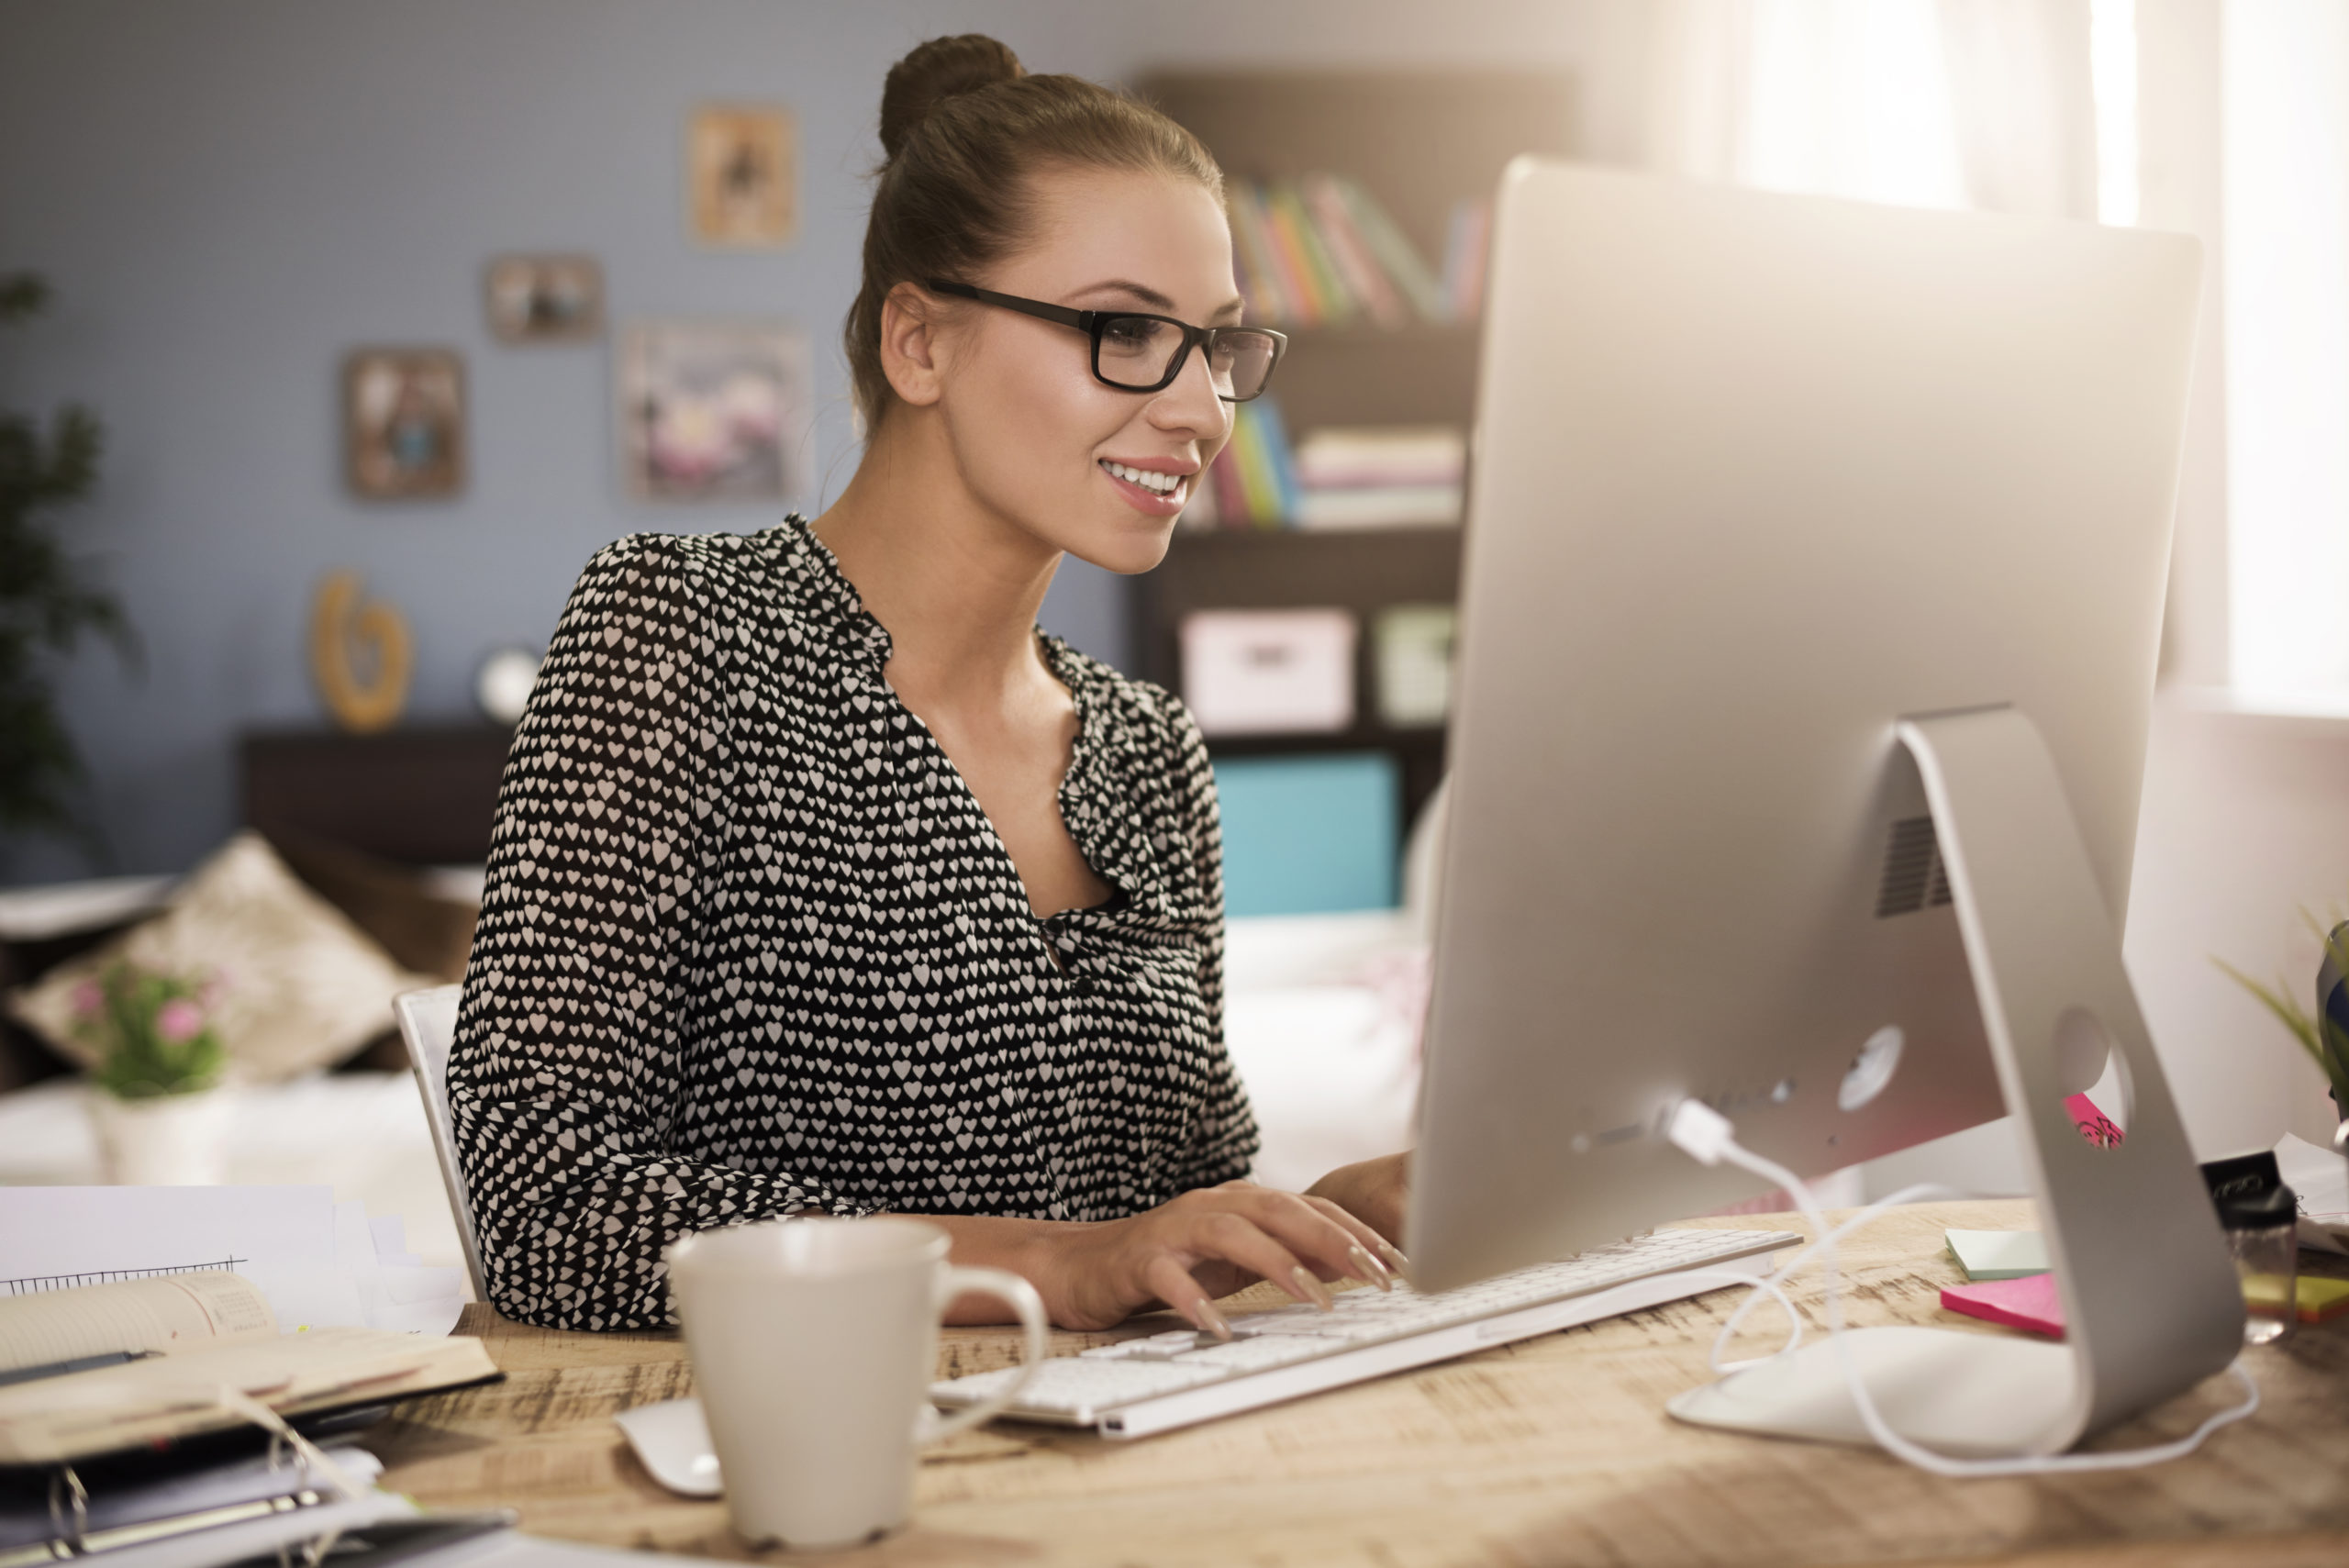 Las 15 habilidades más valoradas por las empresas